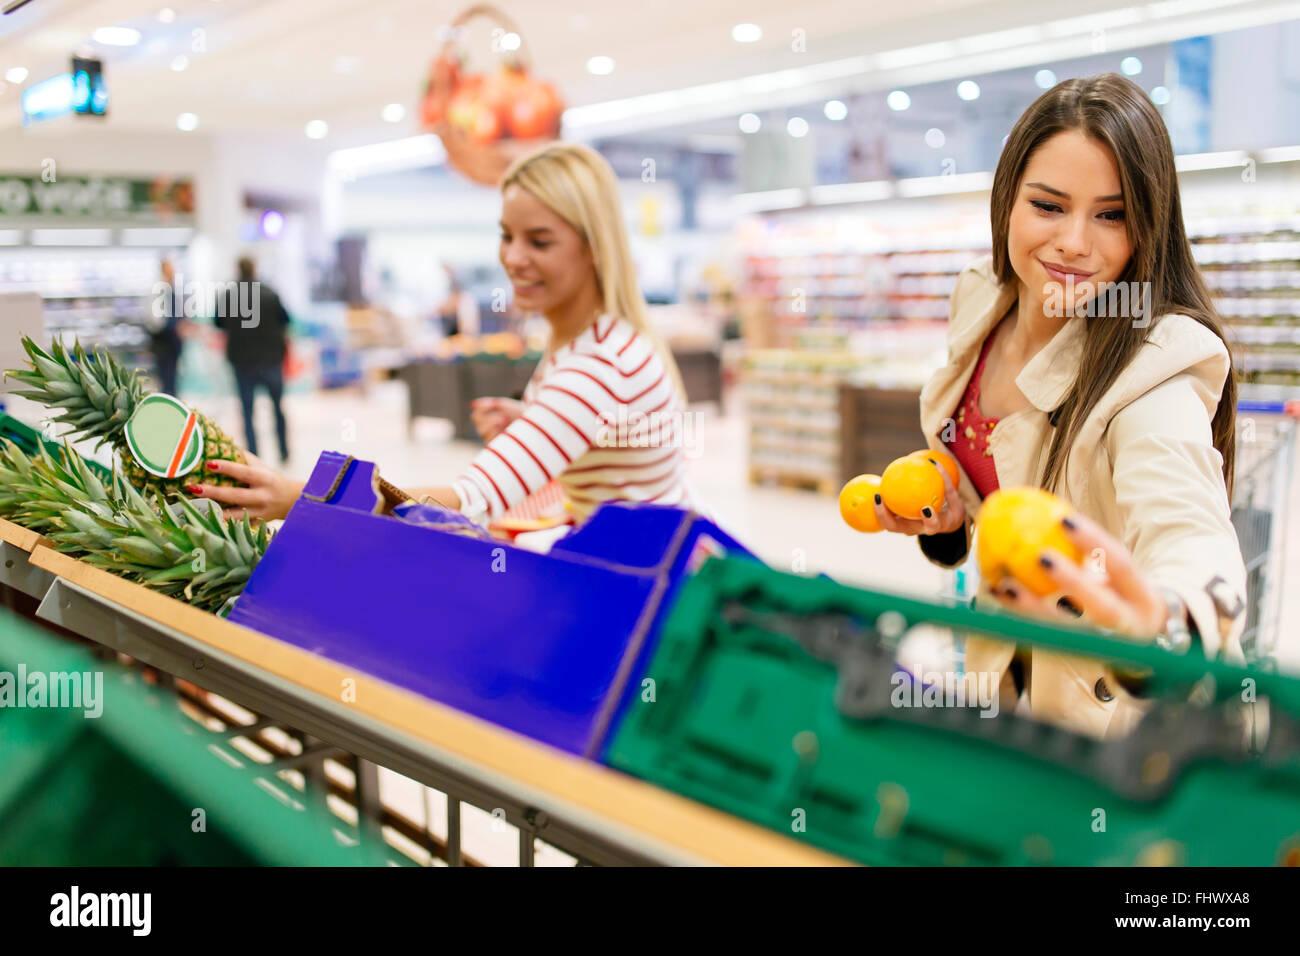 Belle Donne negozi di frutta e verdura in un supermercato Immagini Stock